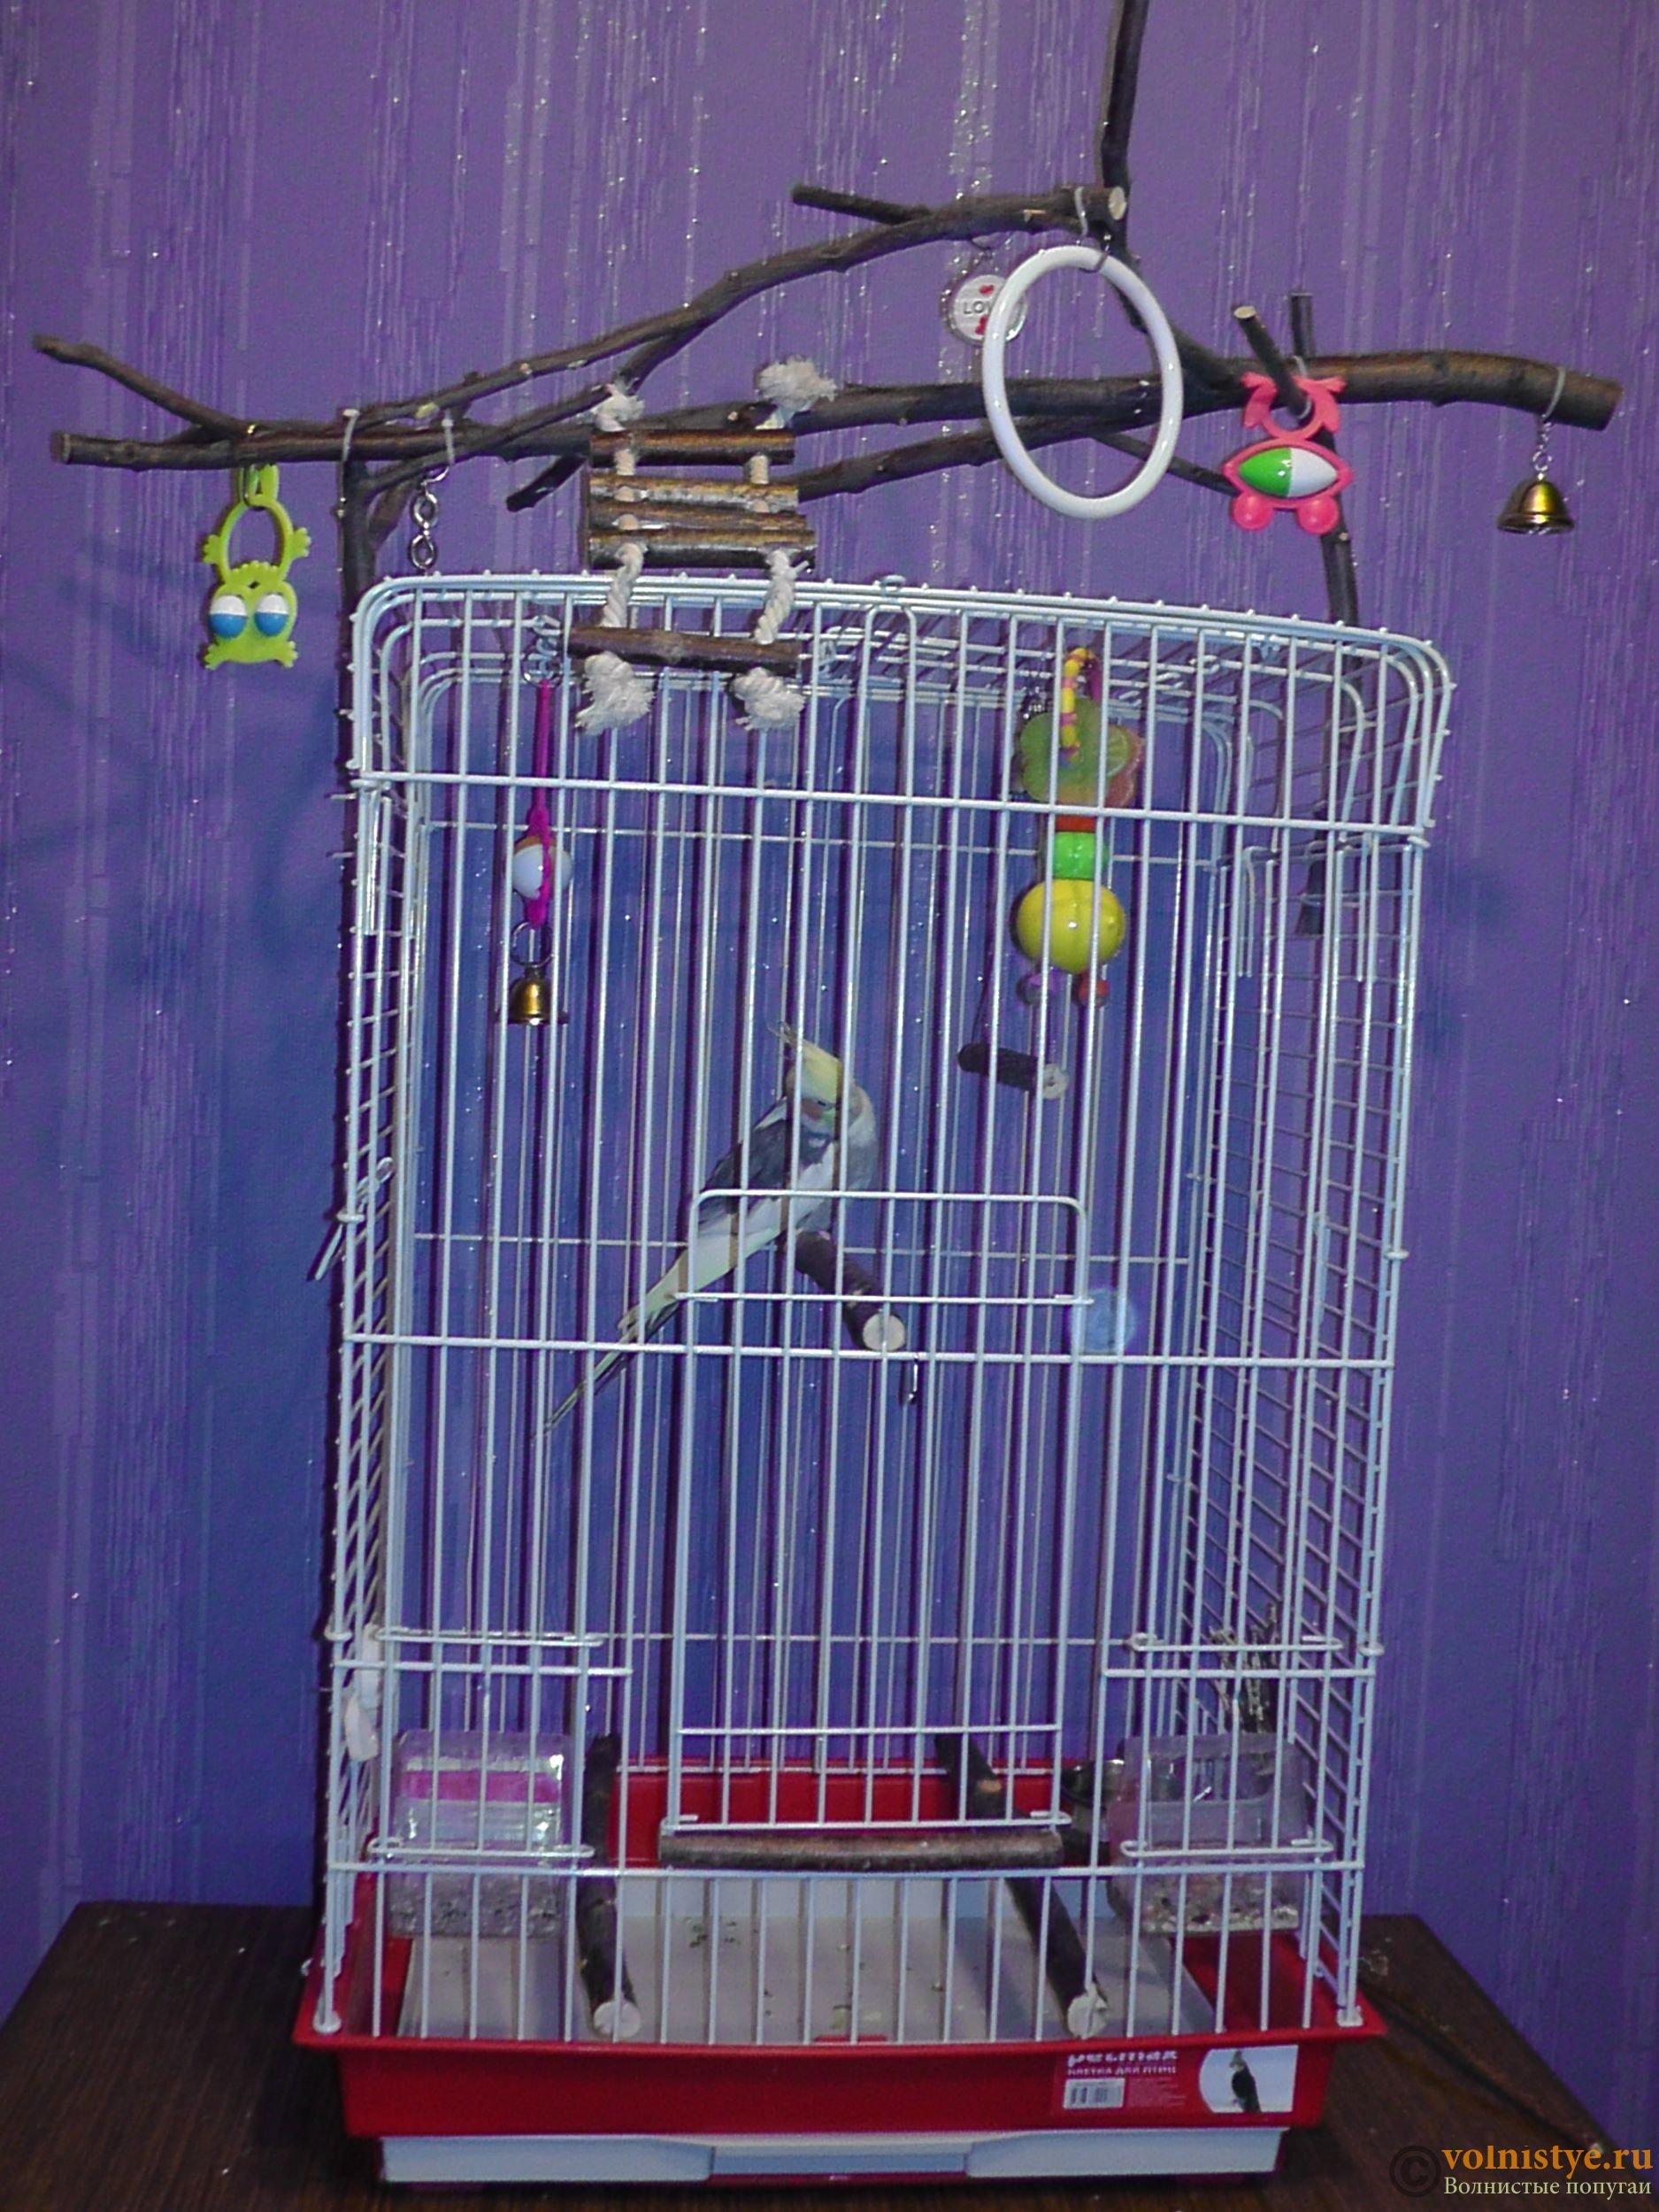 Как выбрать клетку для волнистого попугая или сделать своими руками